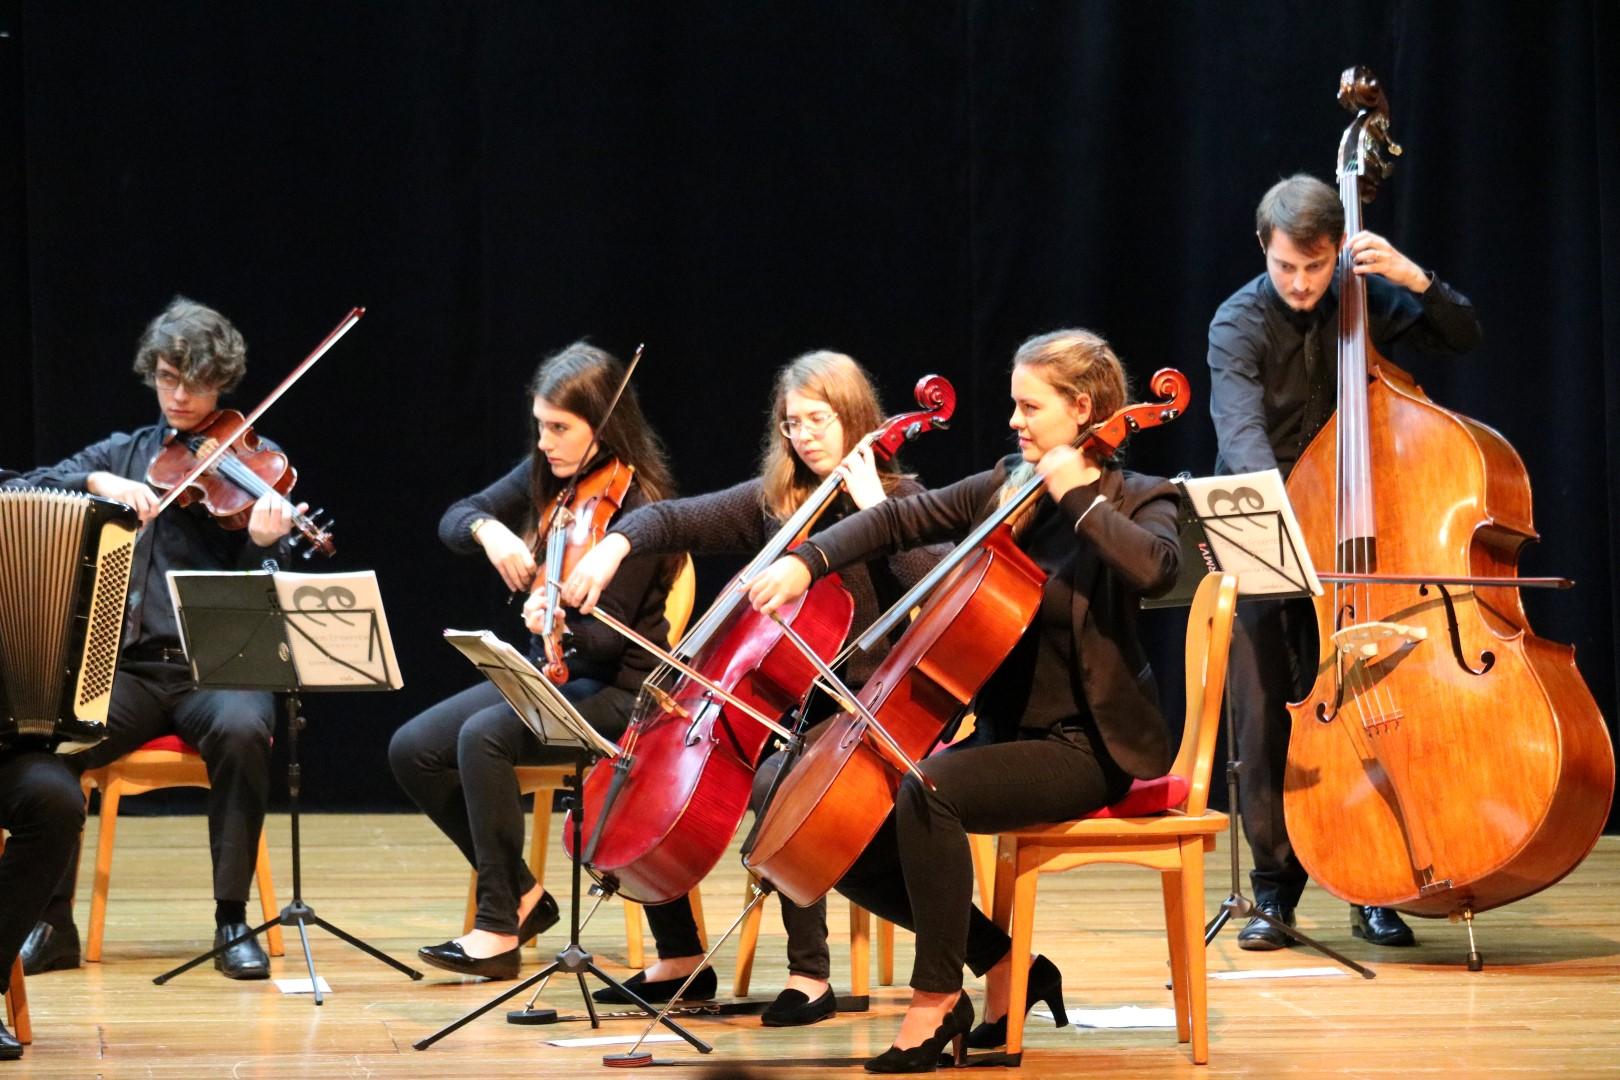 Concerto Caxias Ensemble - 19/07/2019